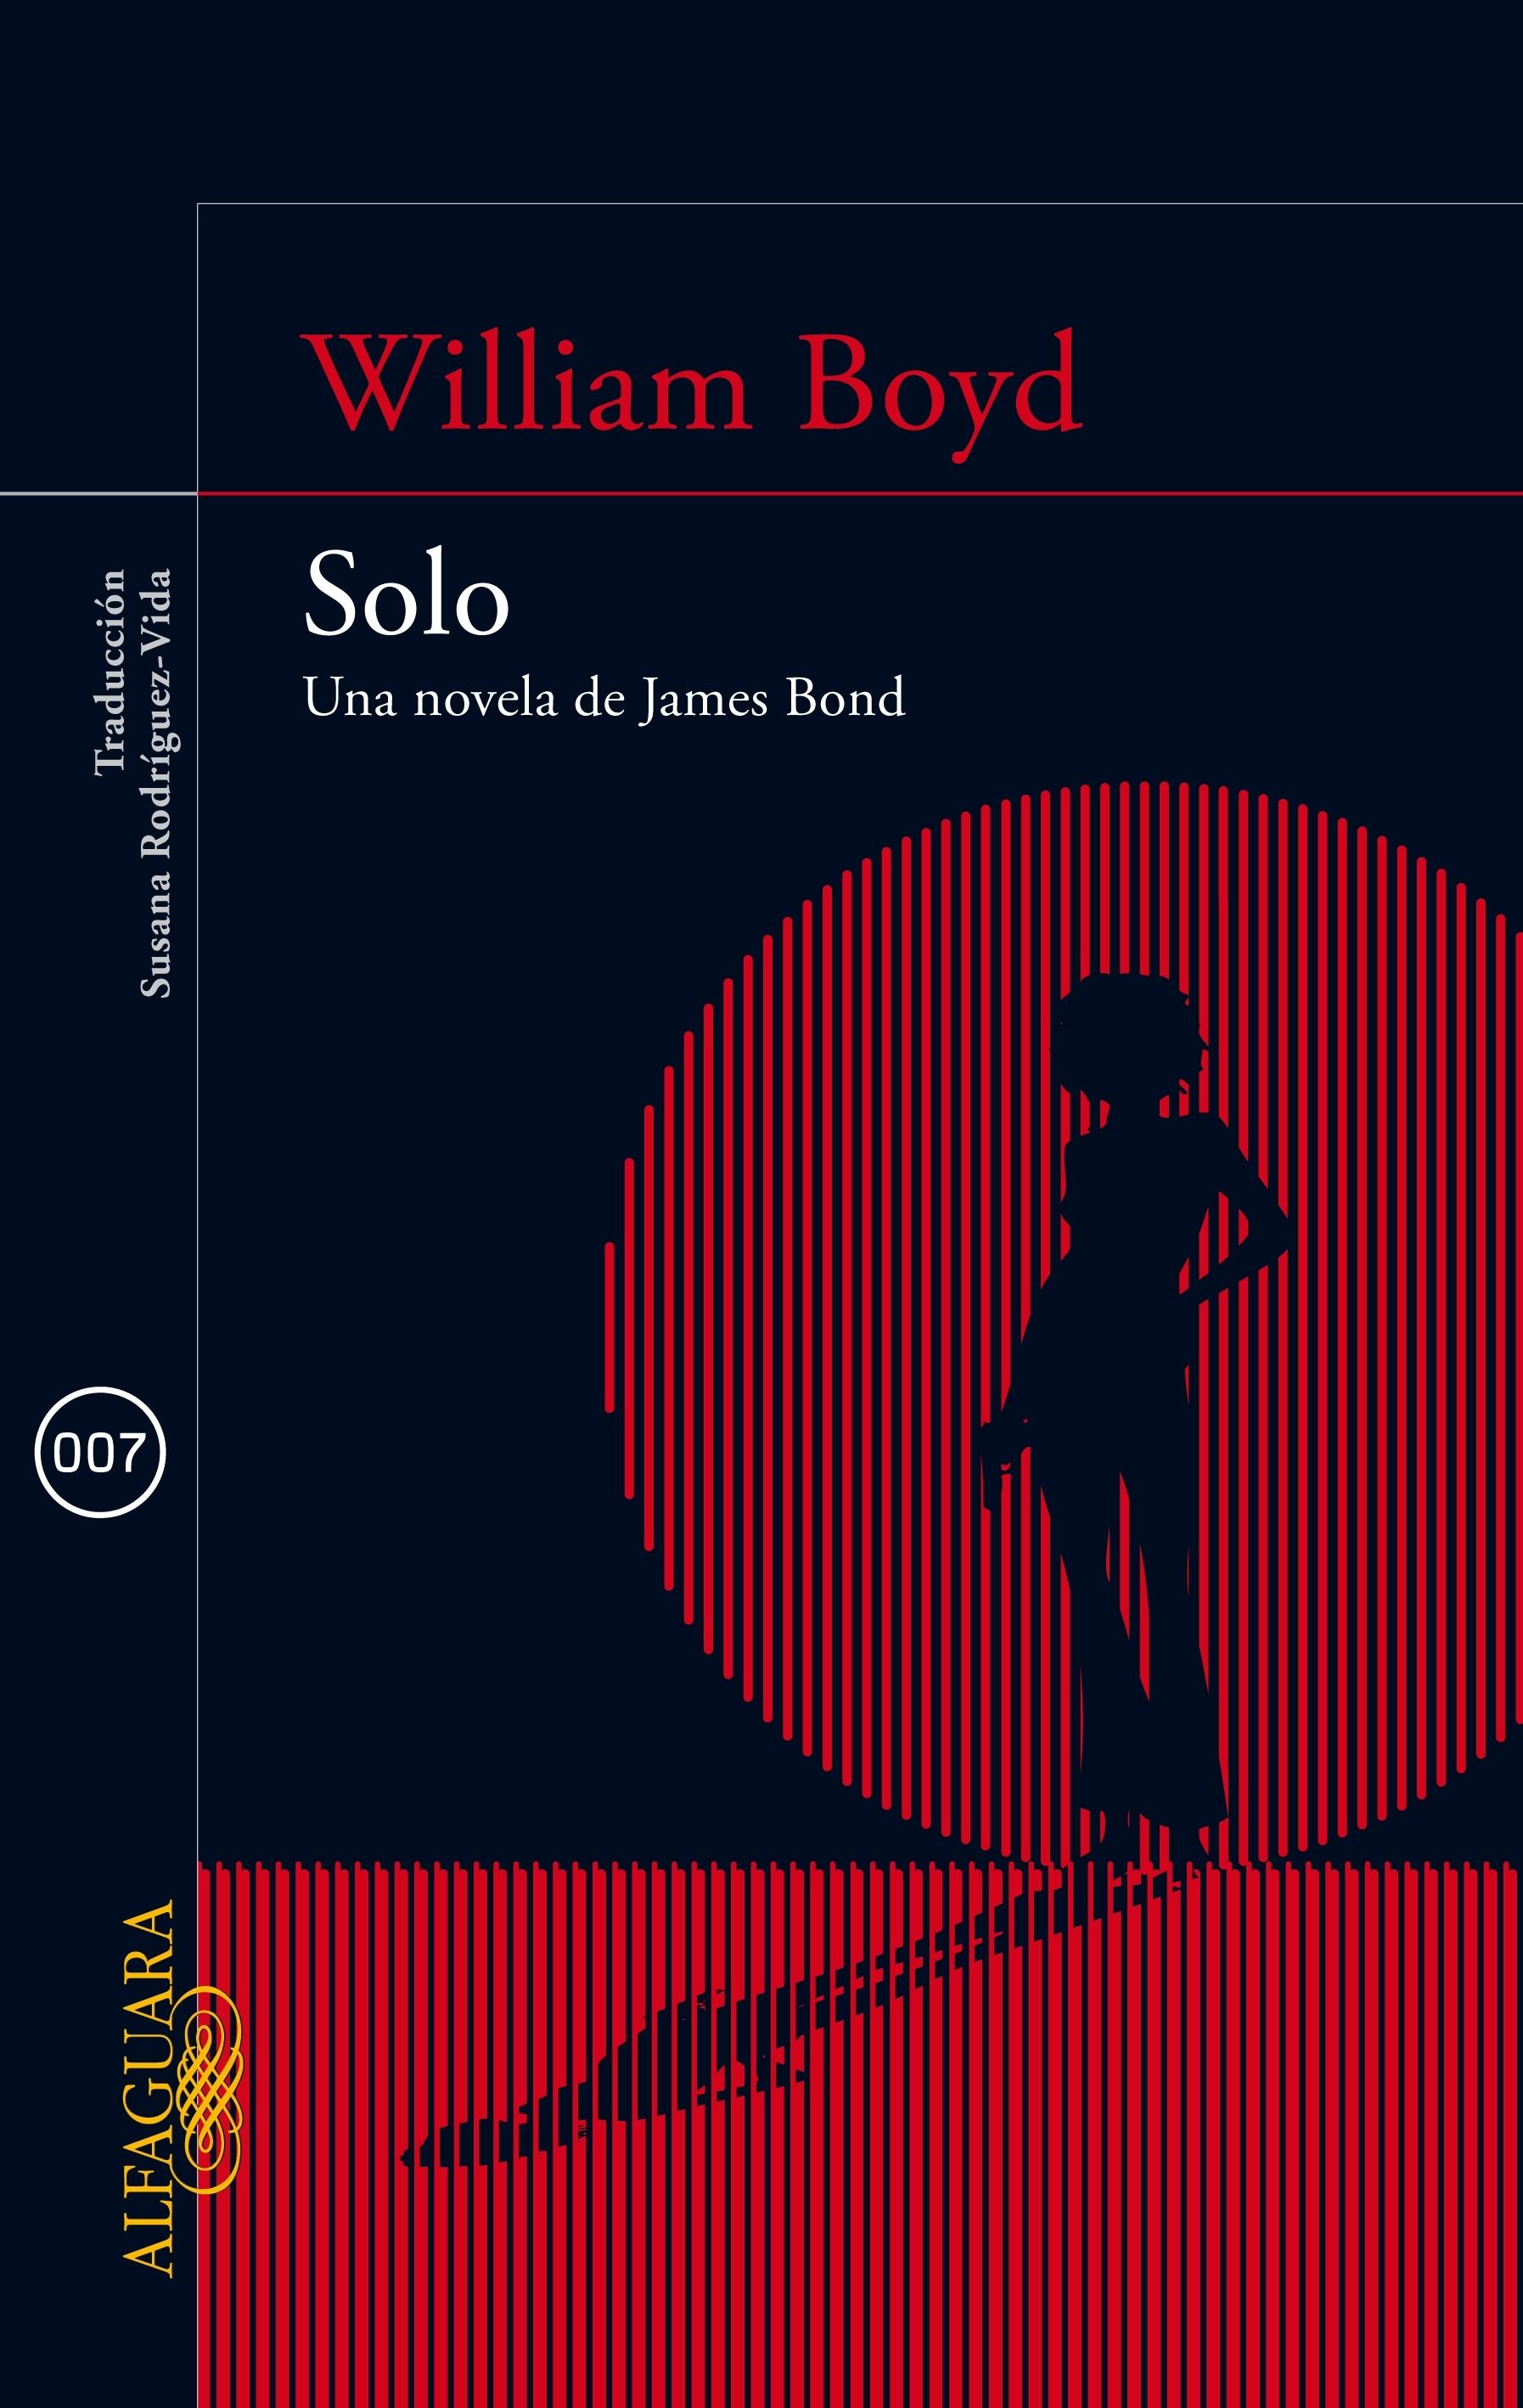 Solo. Una novela de James Bond - William Boyd Solo